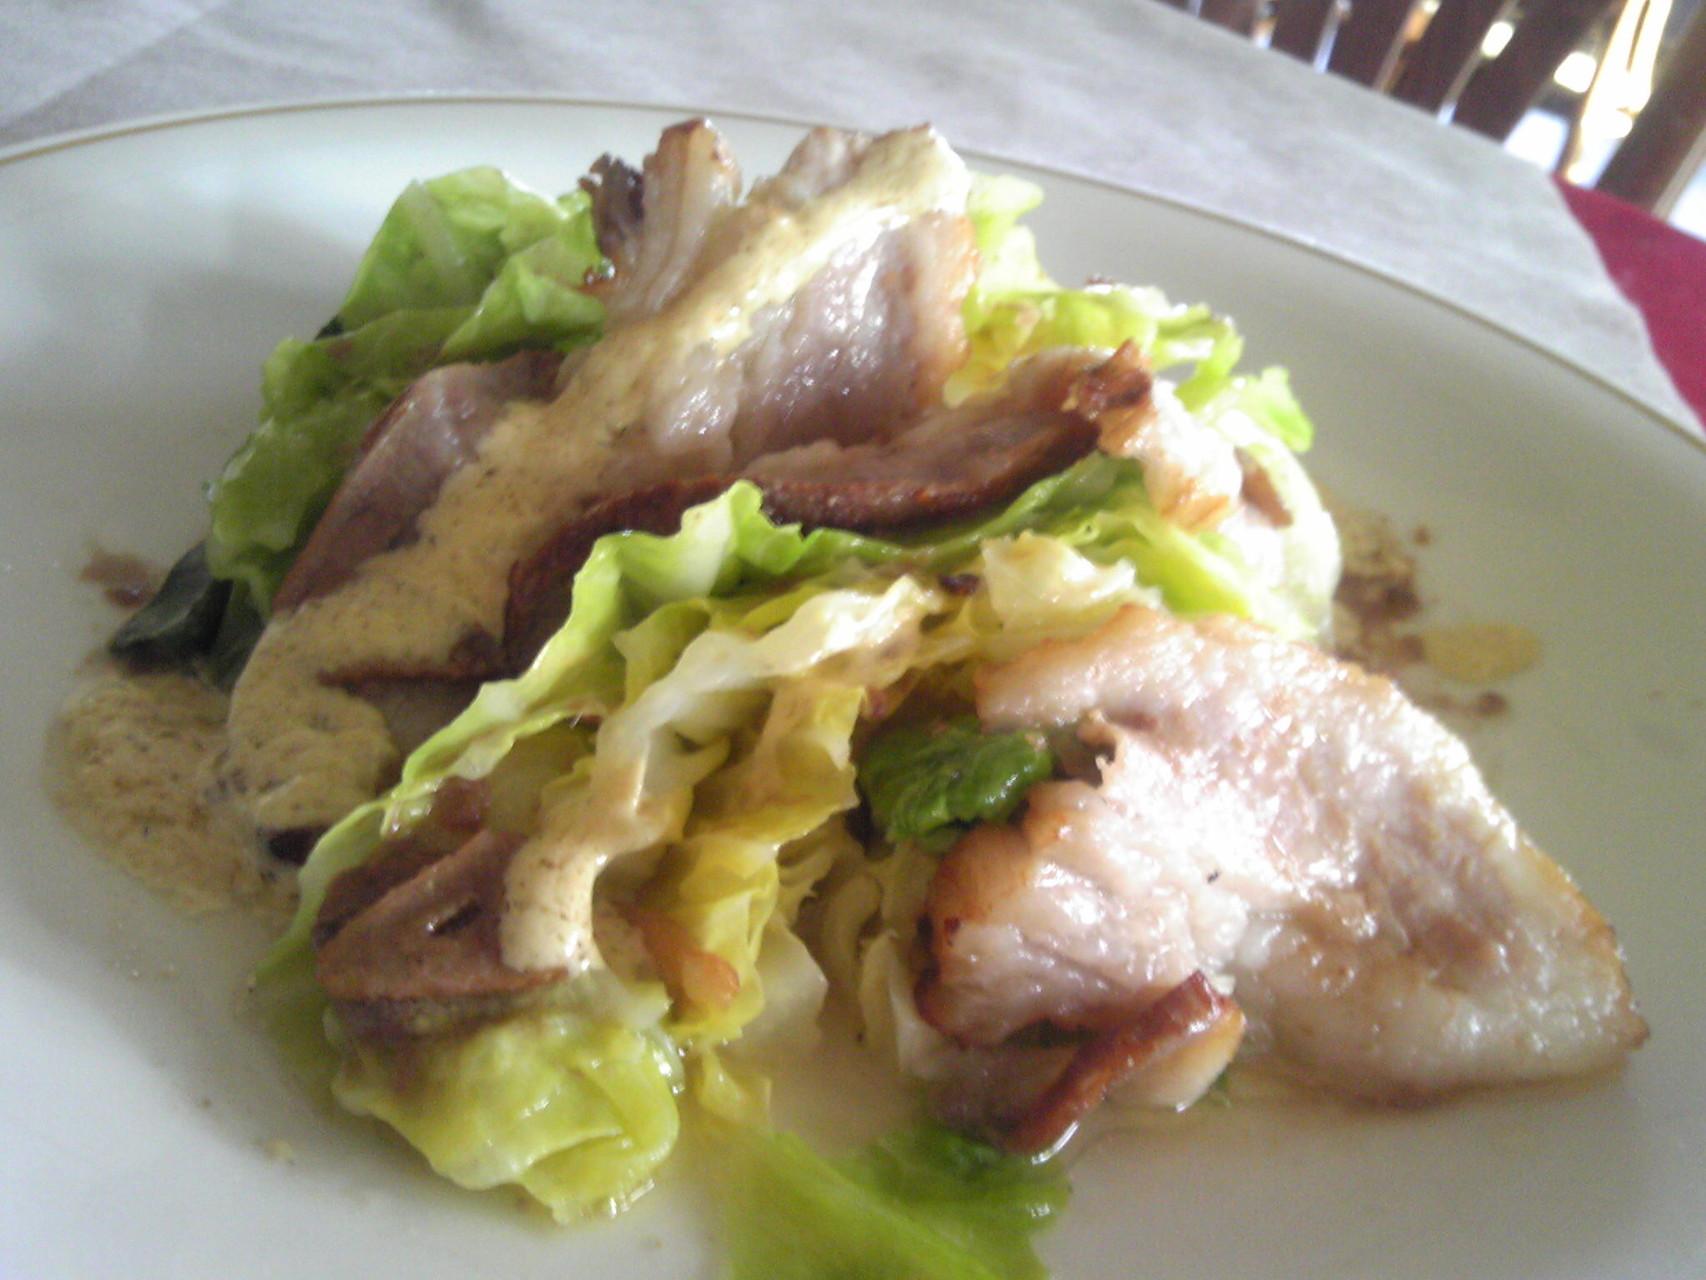 キャベツと豚ロースの温サラダ 自家製パンチェッタとアンチョビーソース